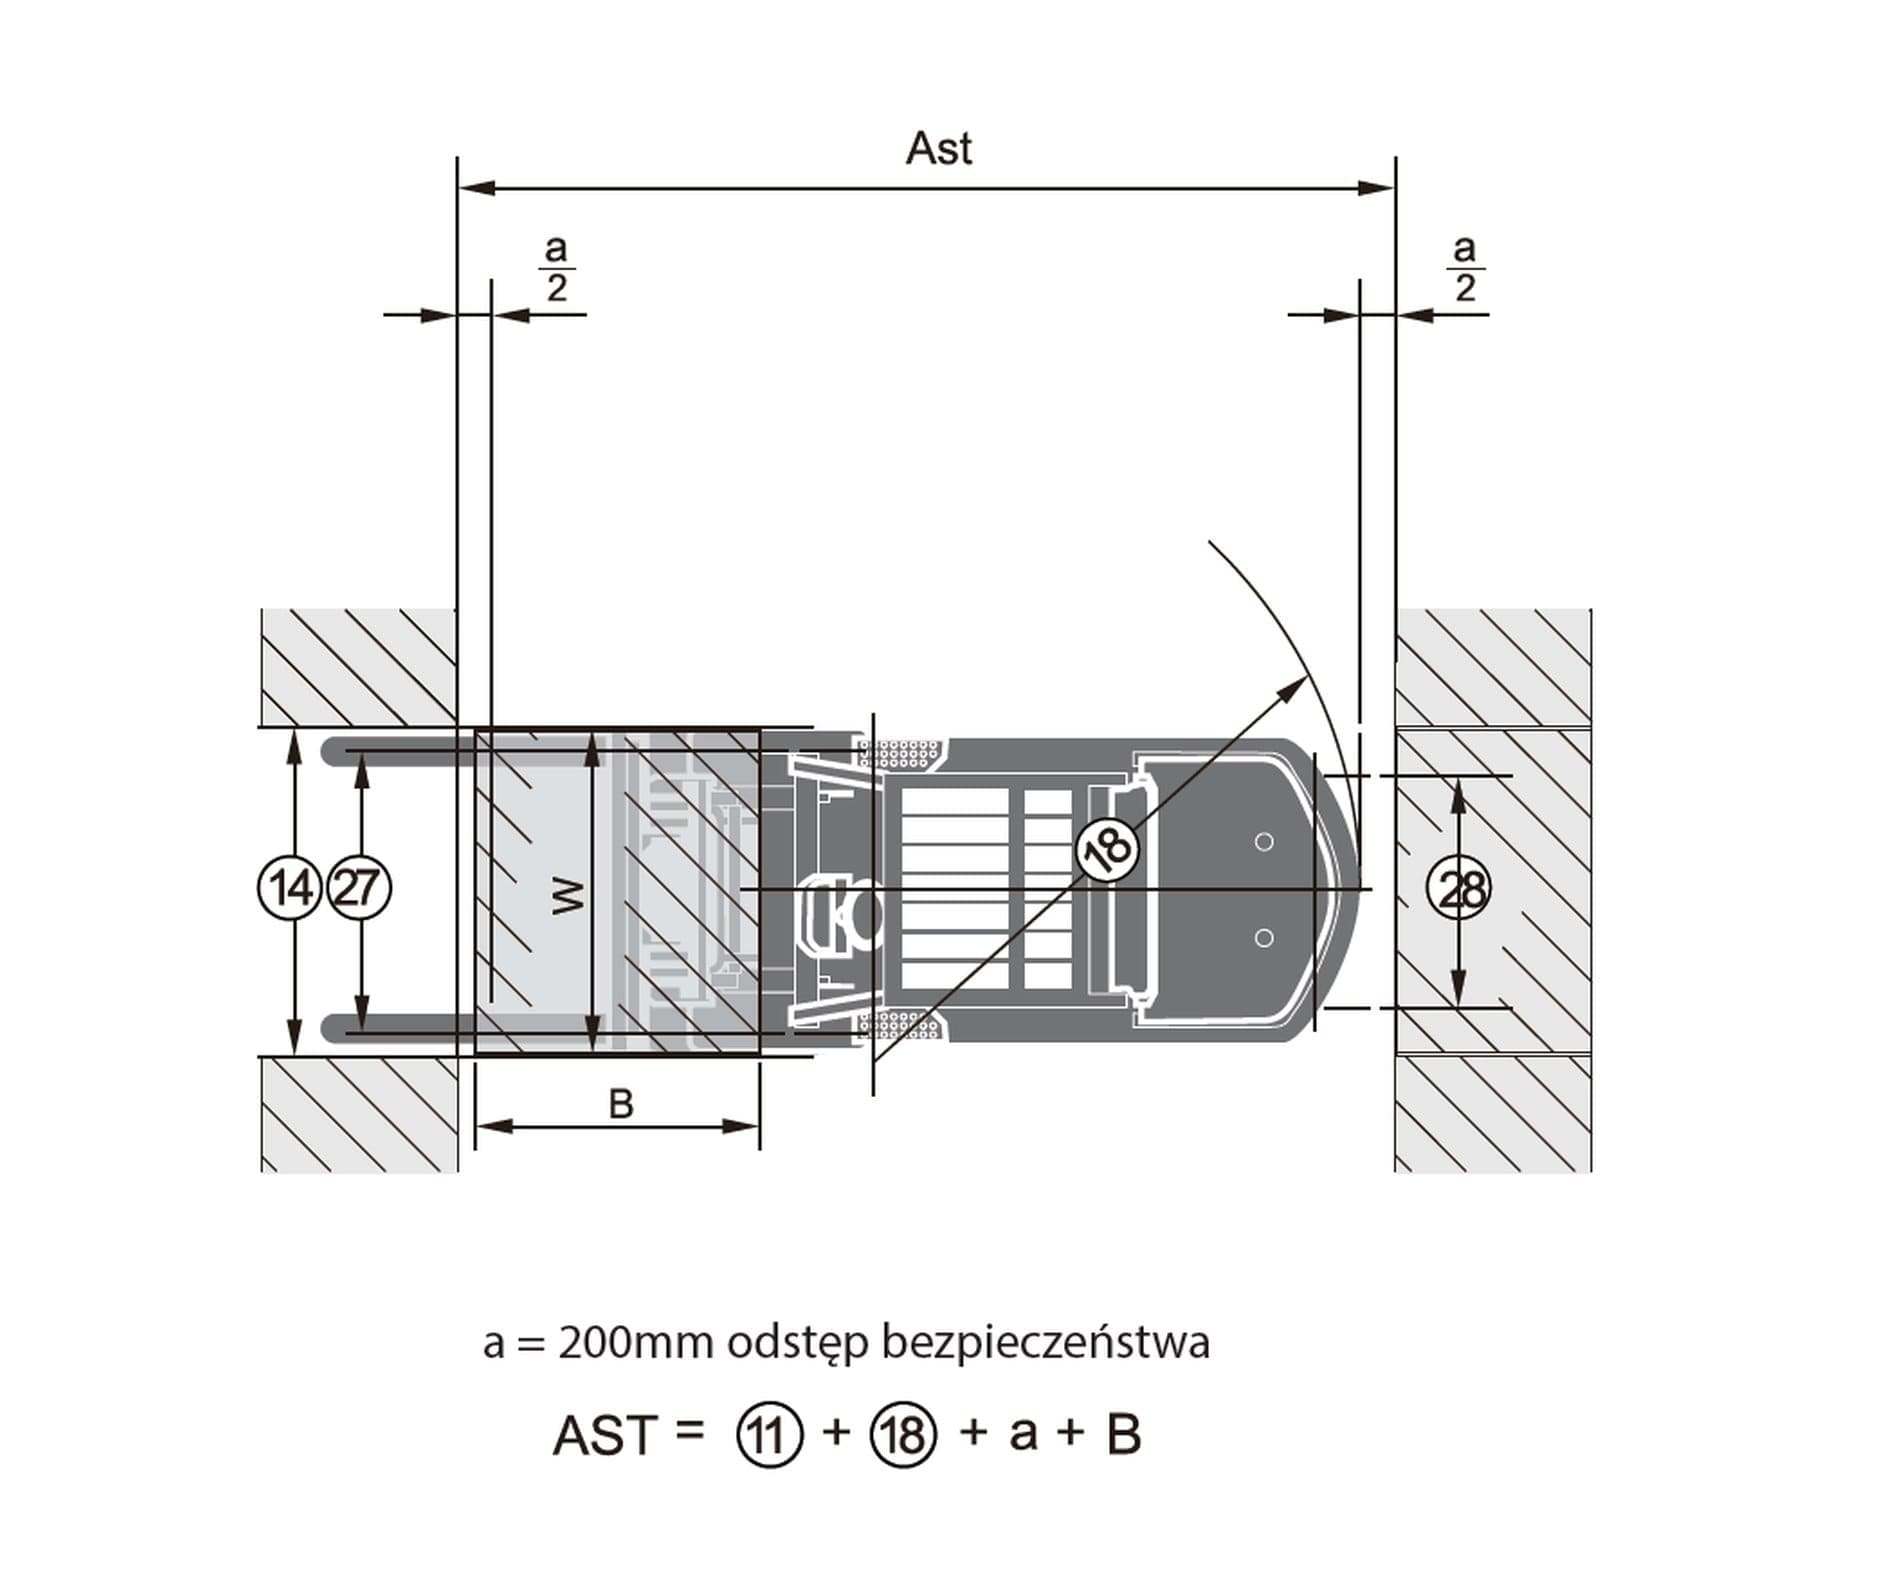 seria-R-4-5t-002